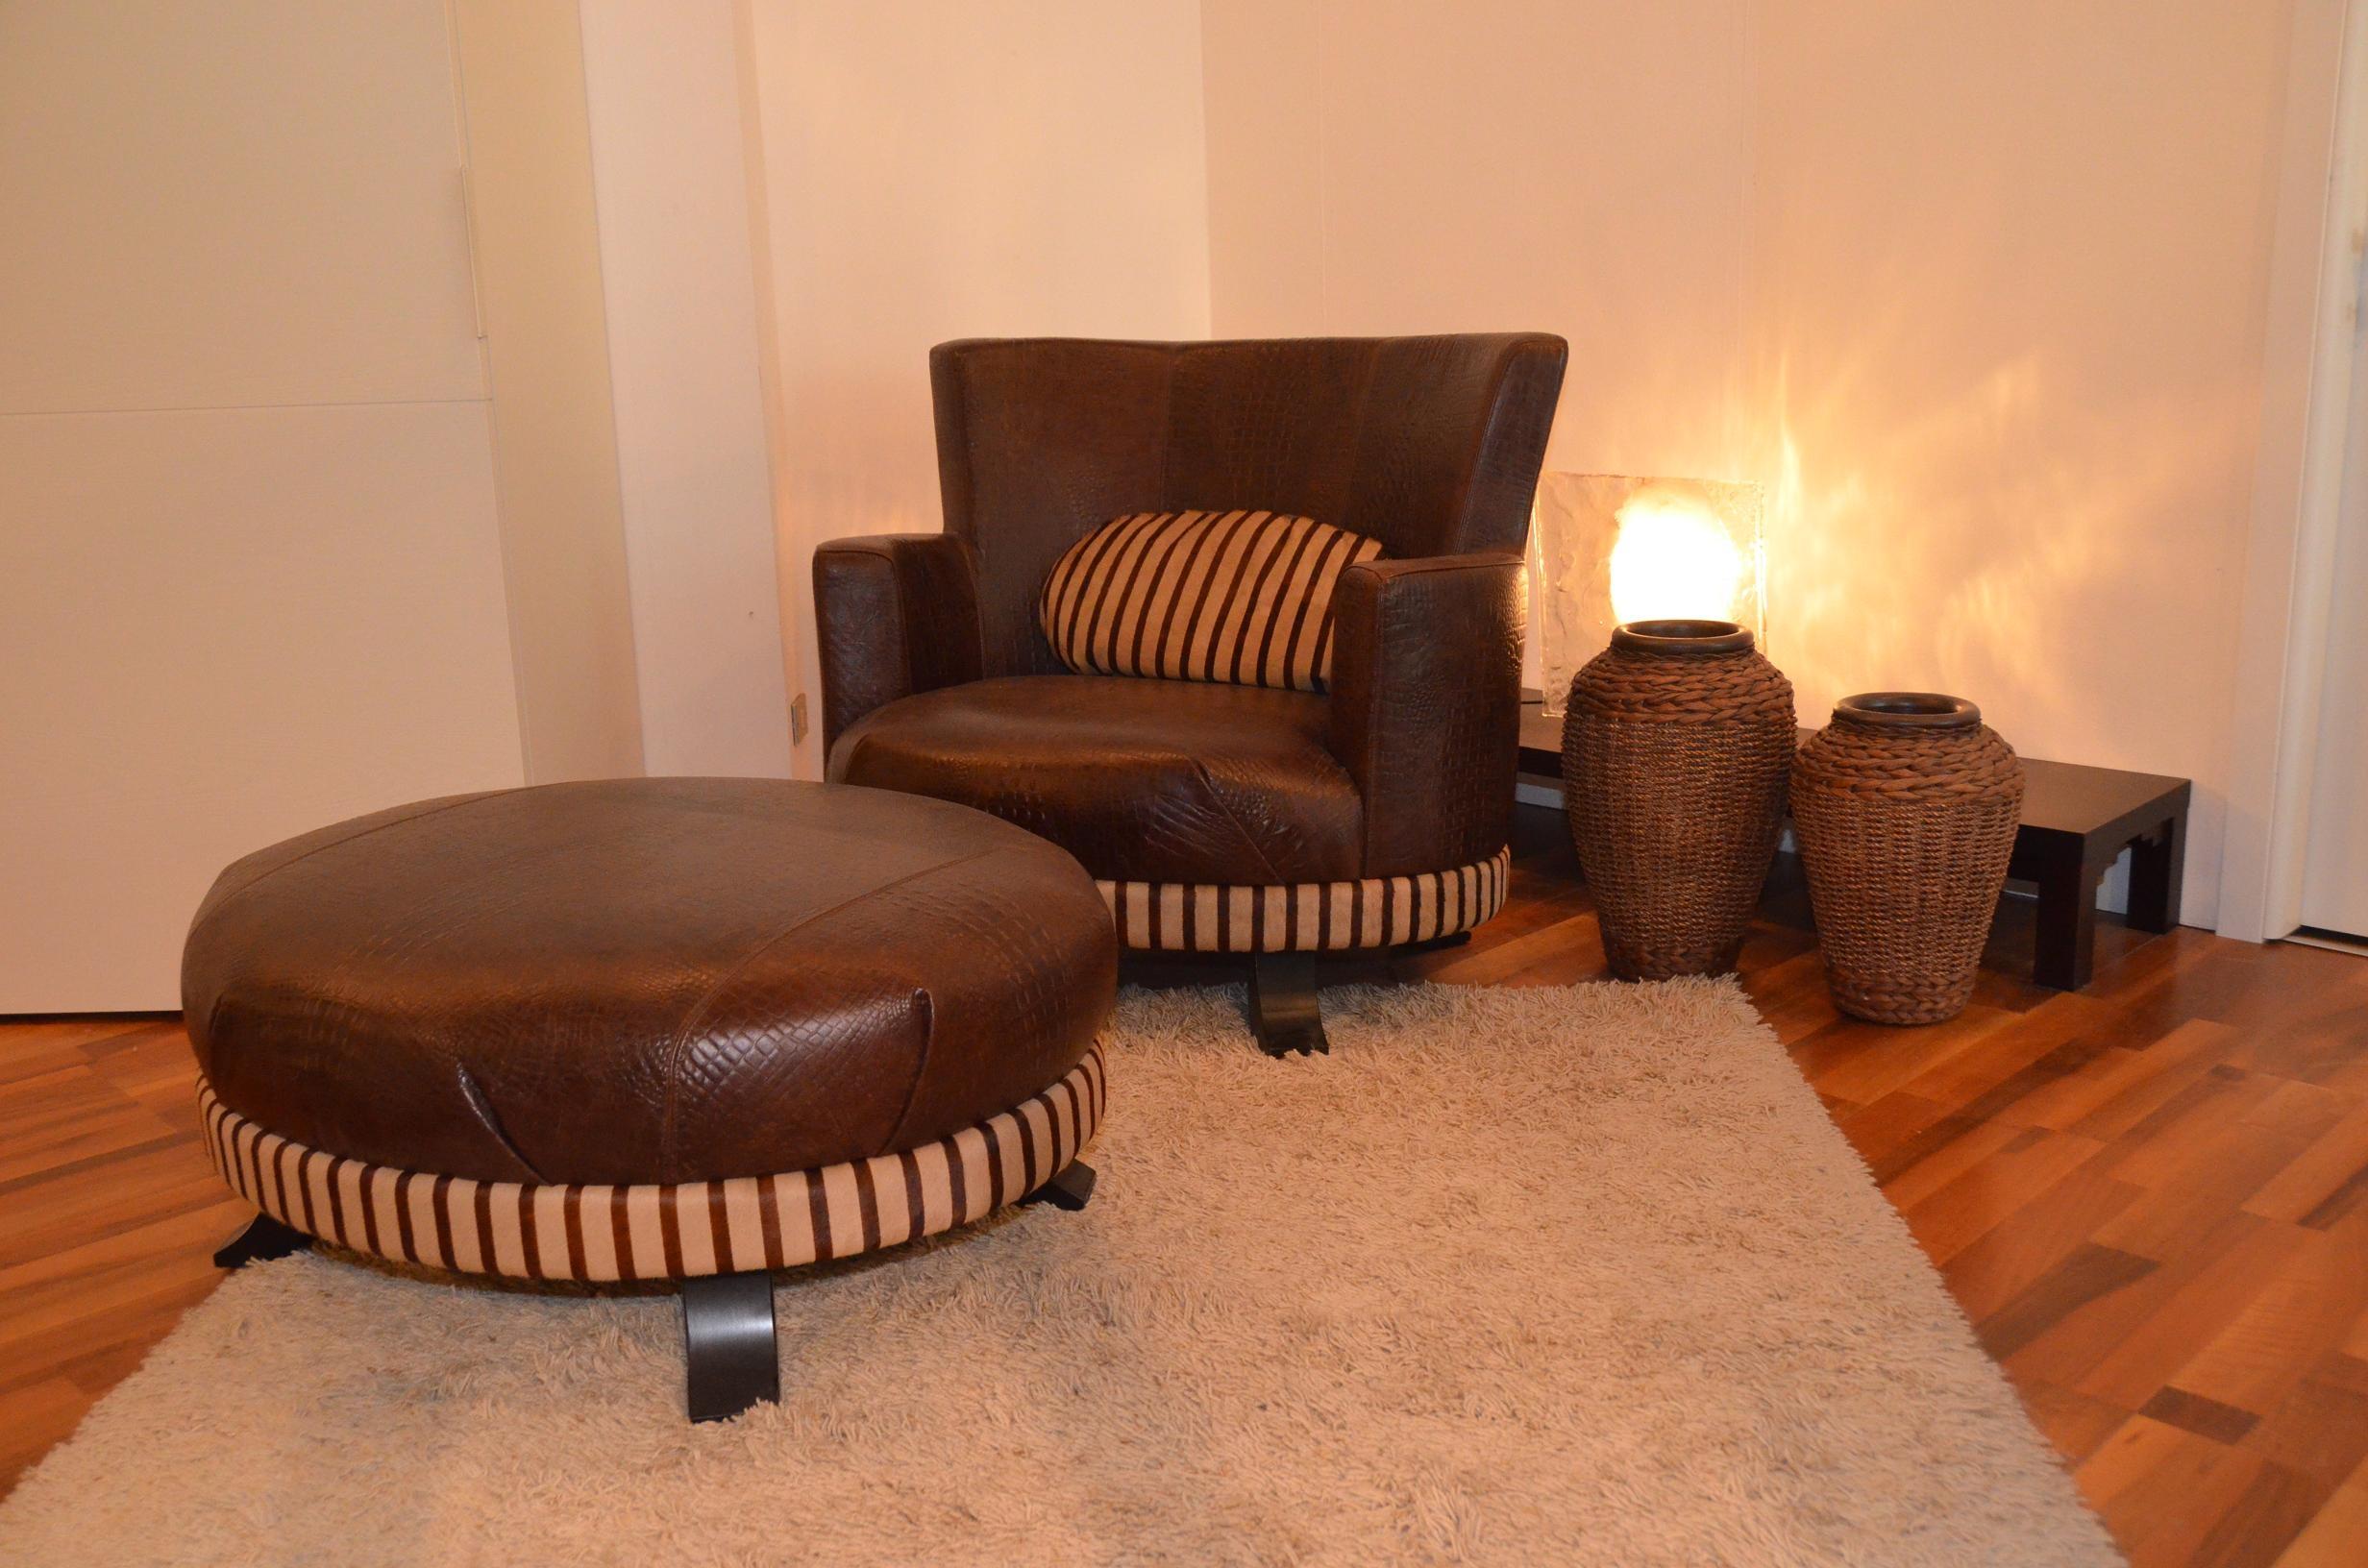 Poltrona smania modello hambo in pelle con pouff divani for Arredamenti bologna e provincia